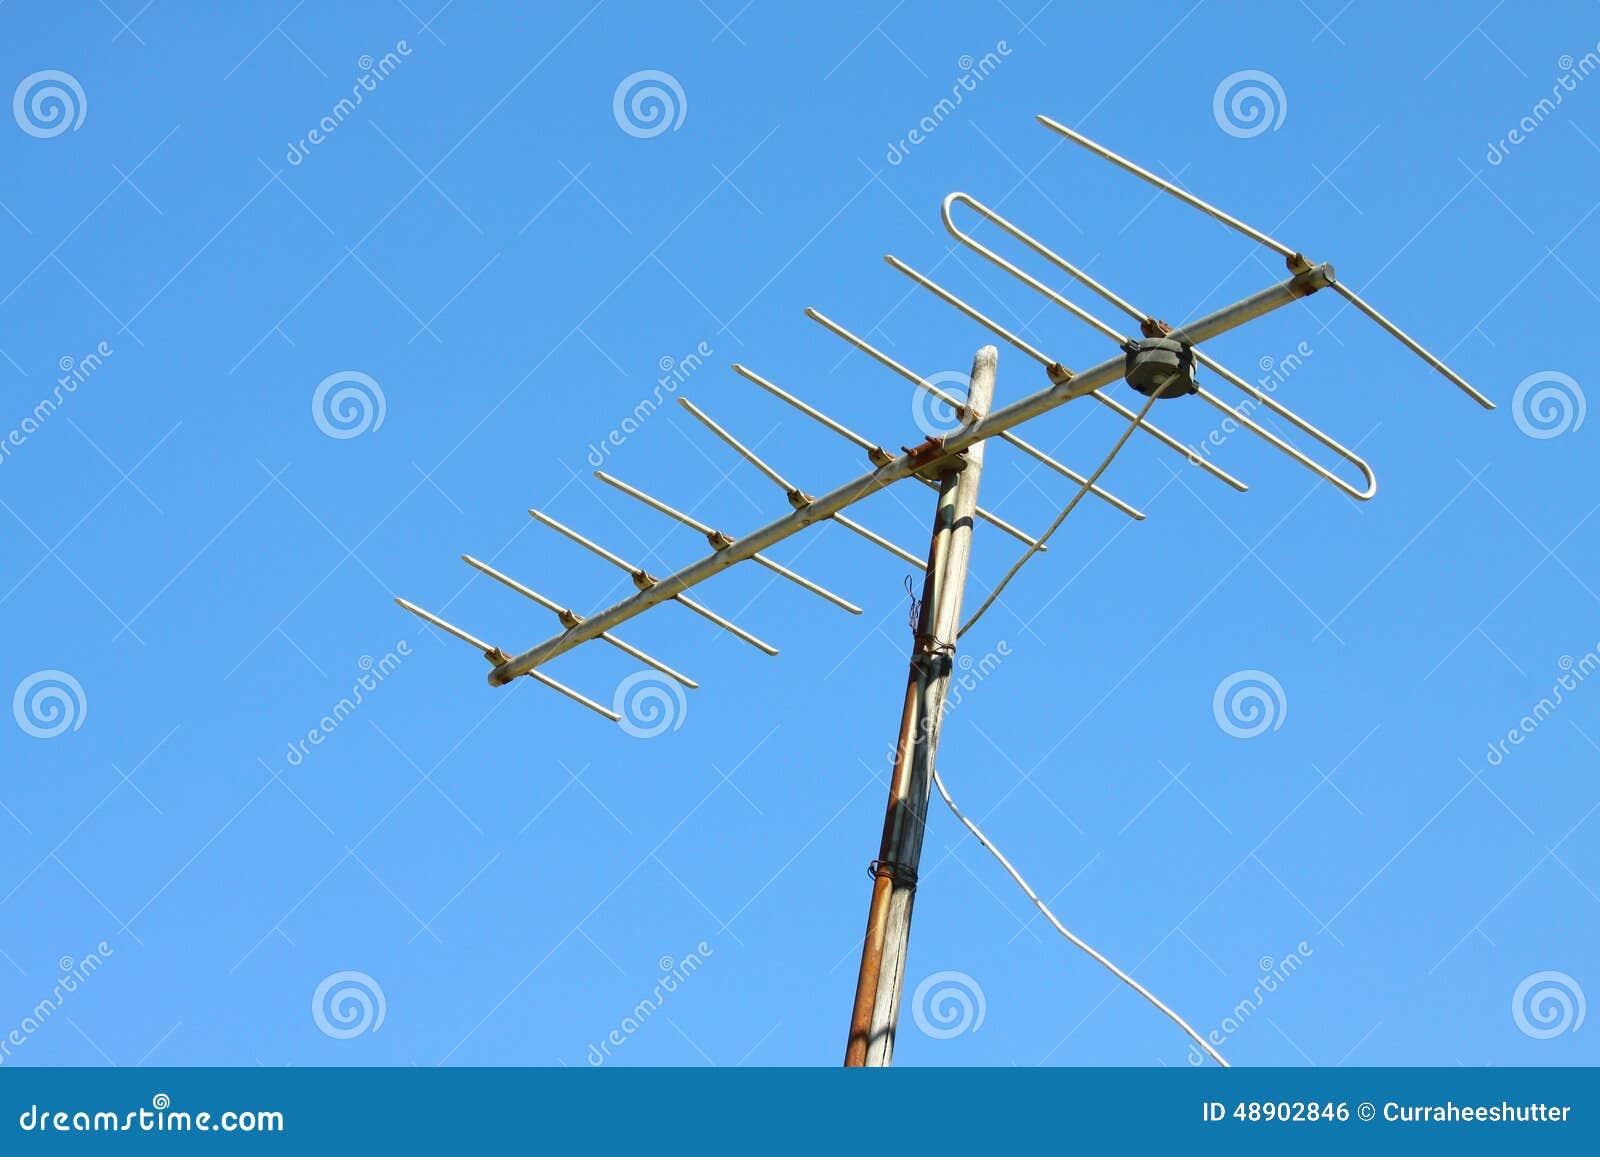 Antena de tv vieja en el tejado de la casa con el cielo - Antena de television ...